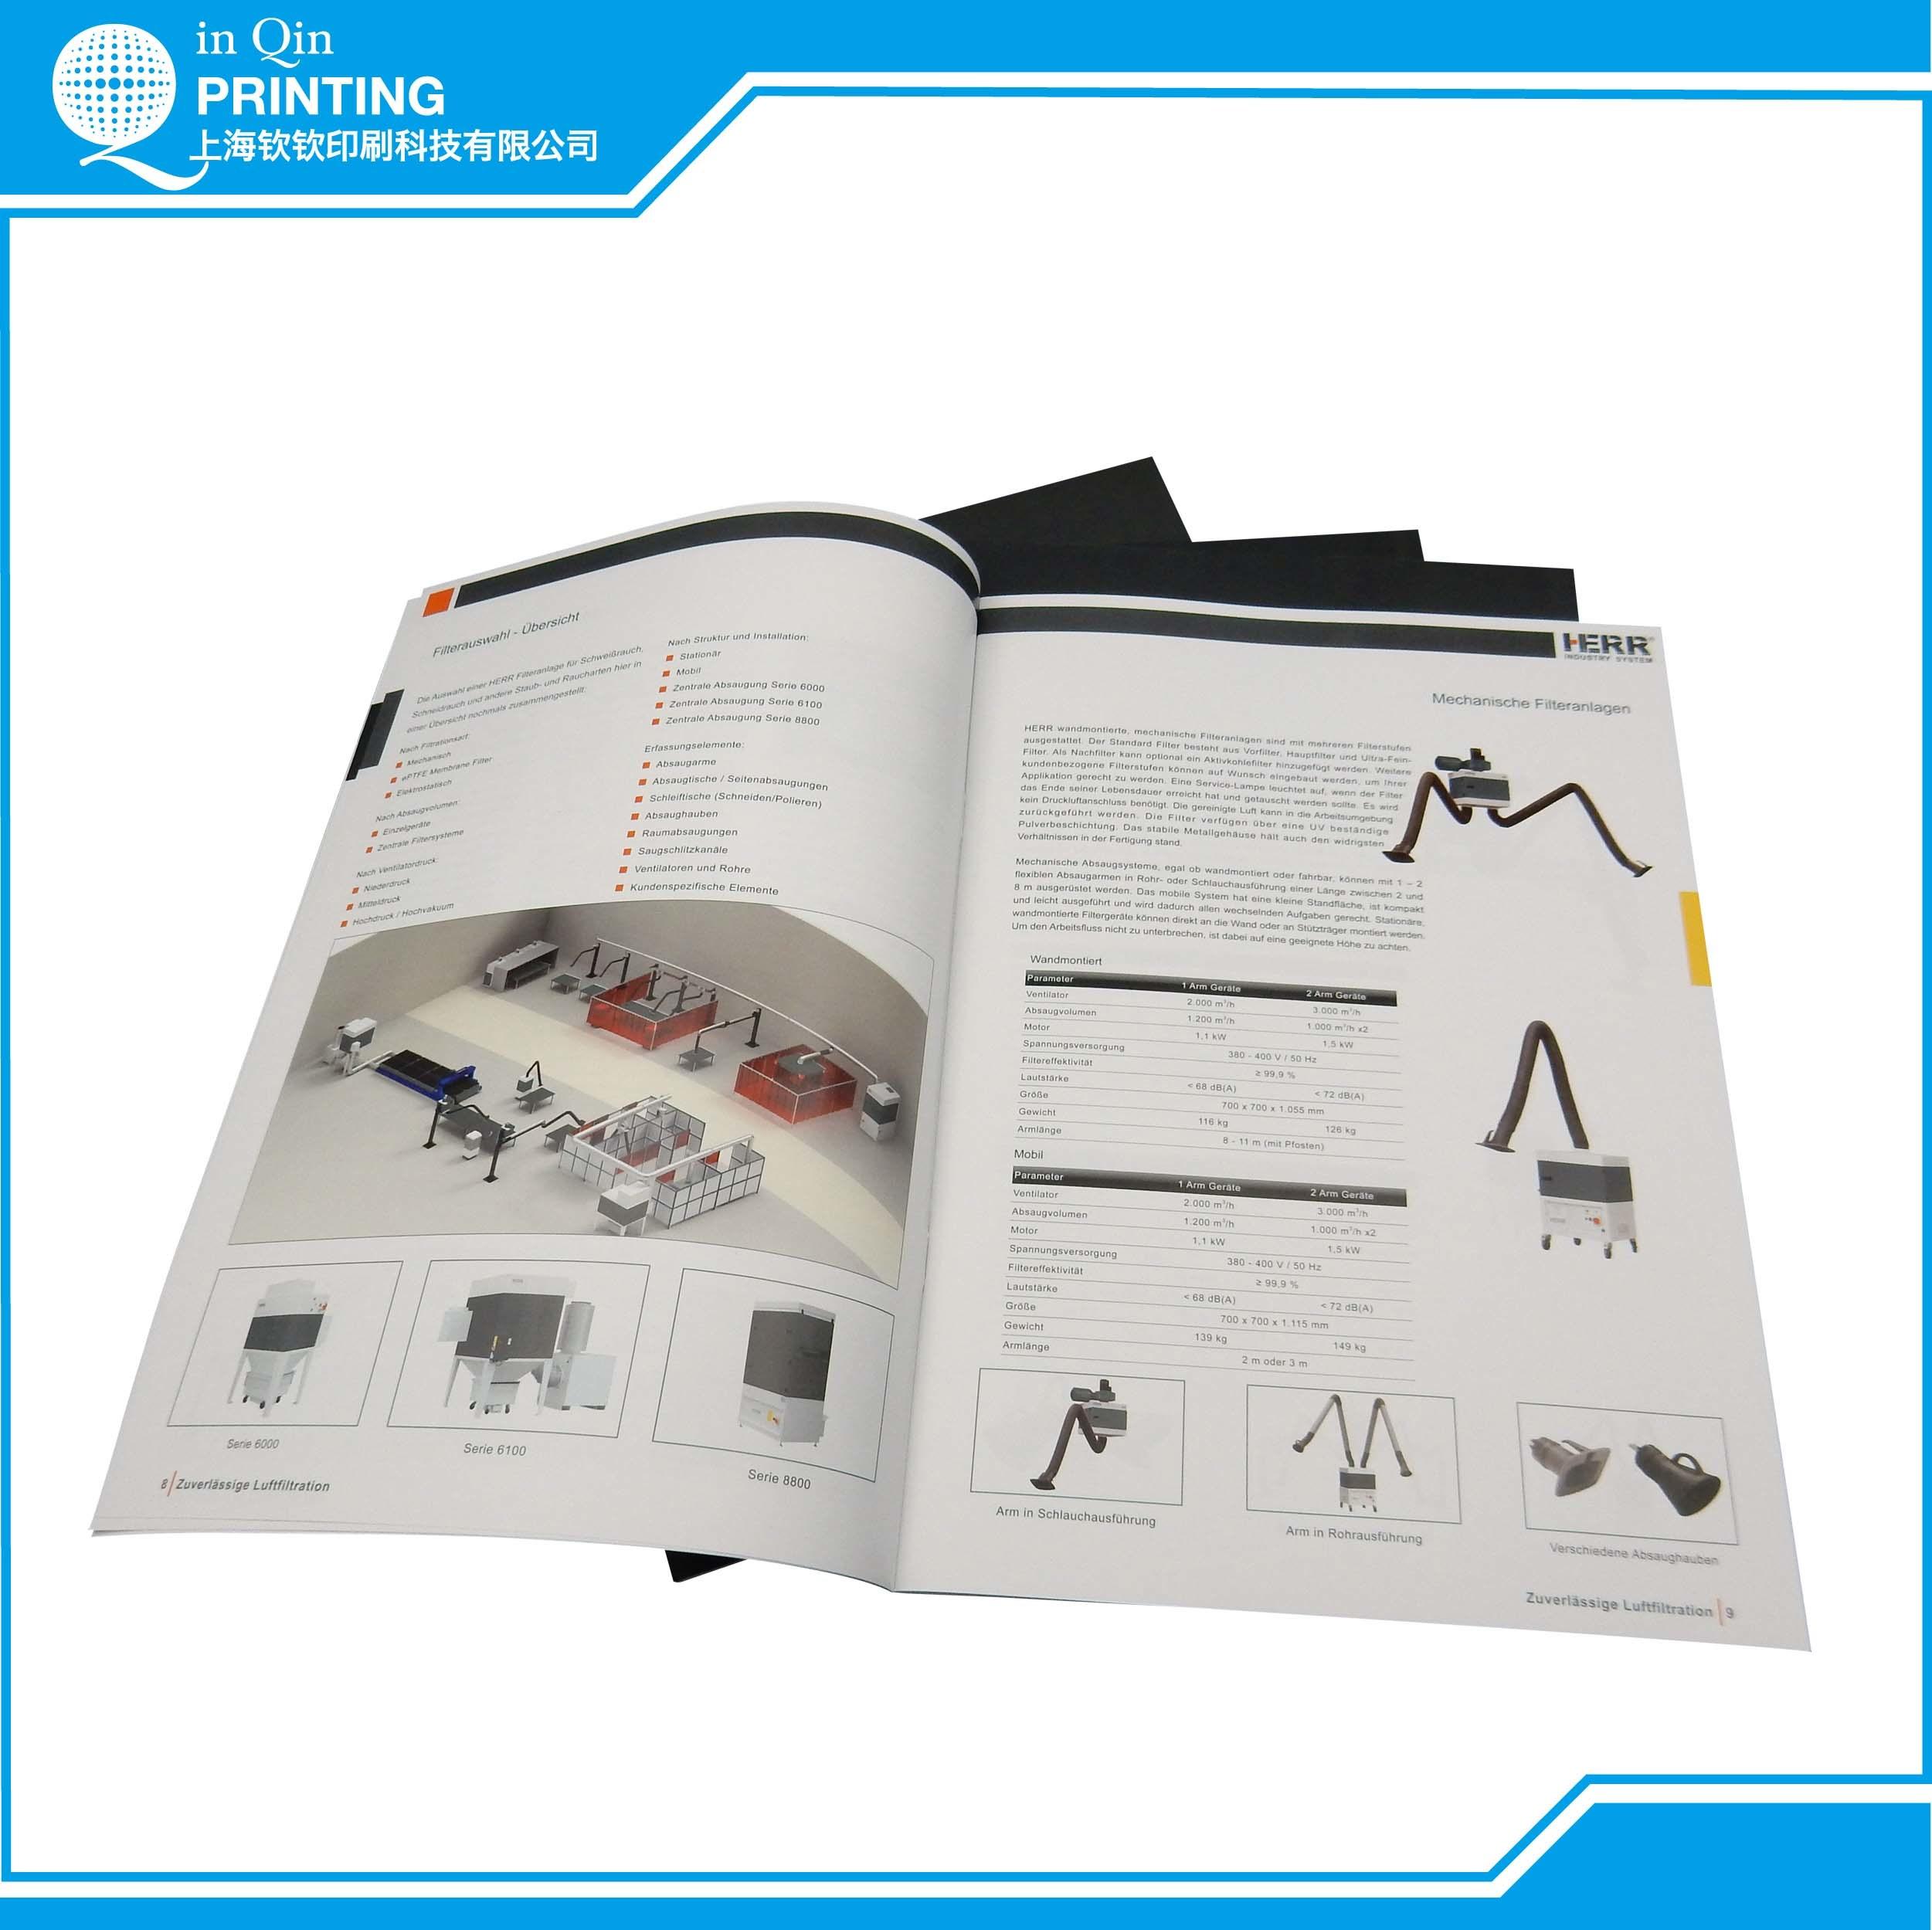 Printing Tool Catalogue in Shanghai China